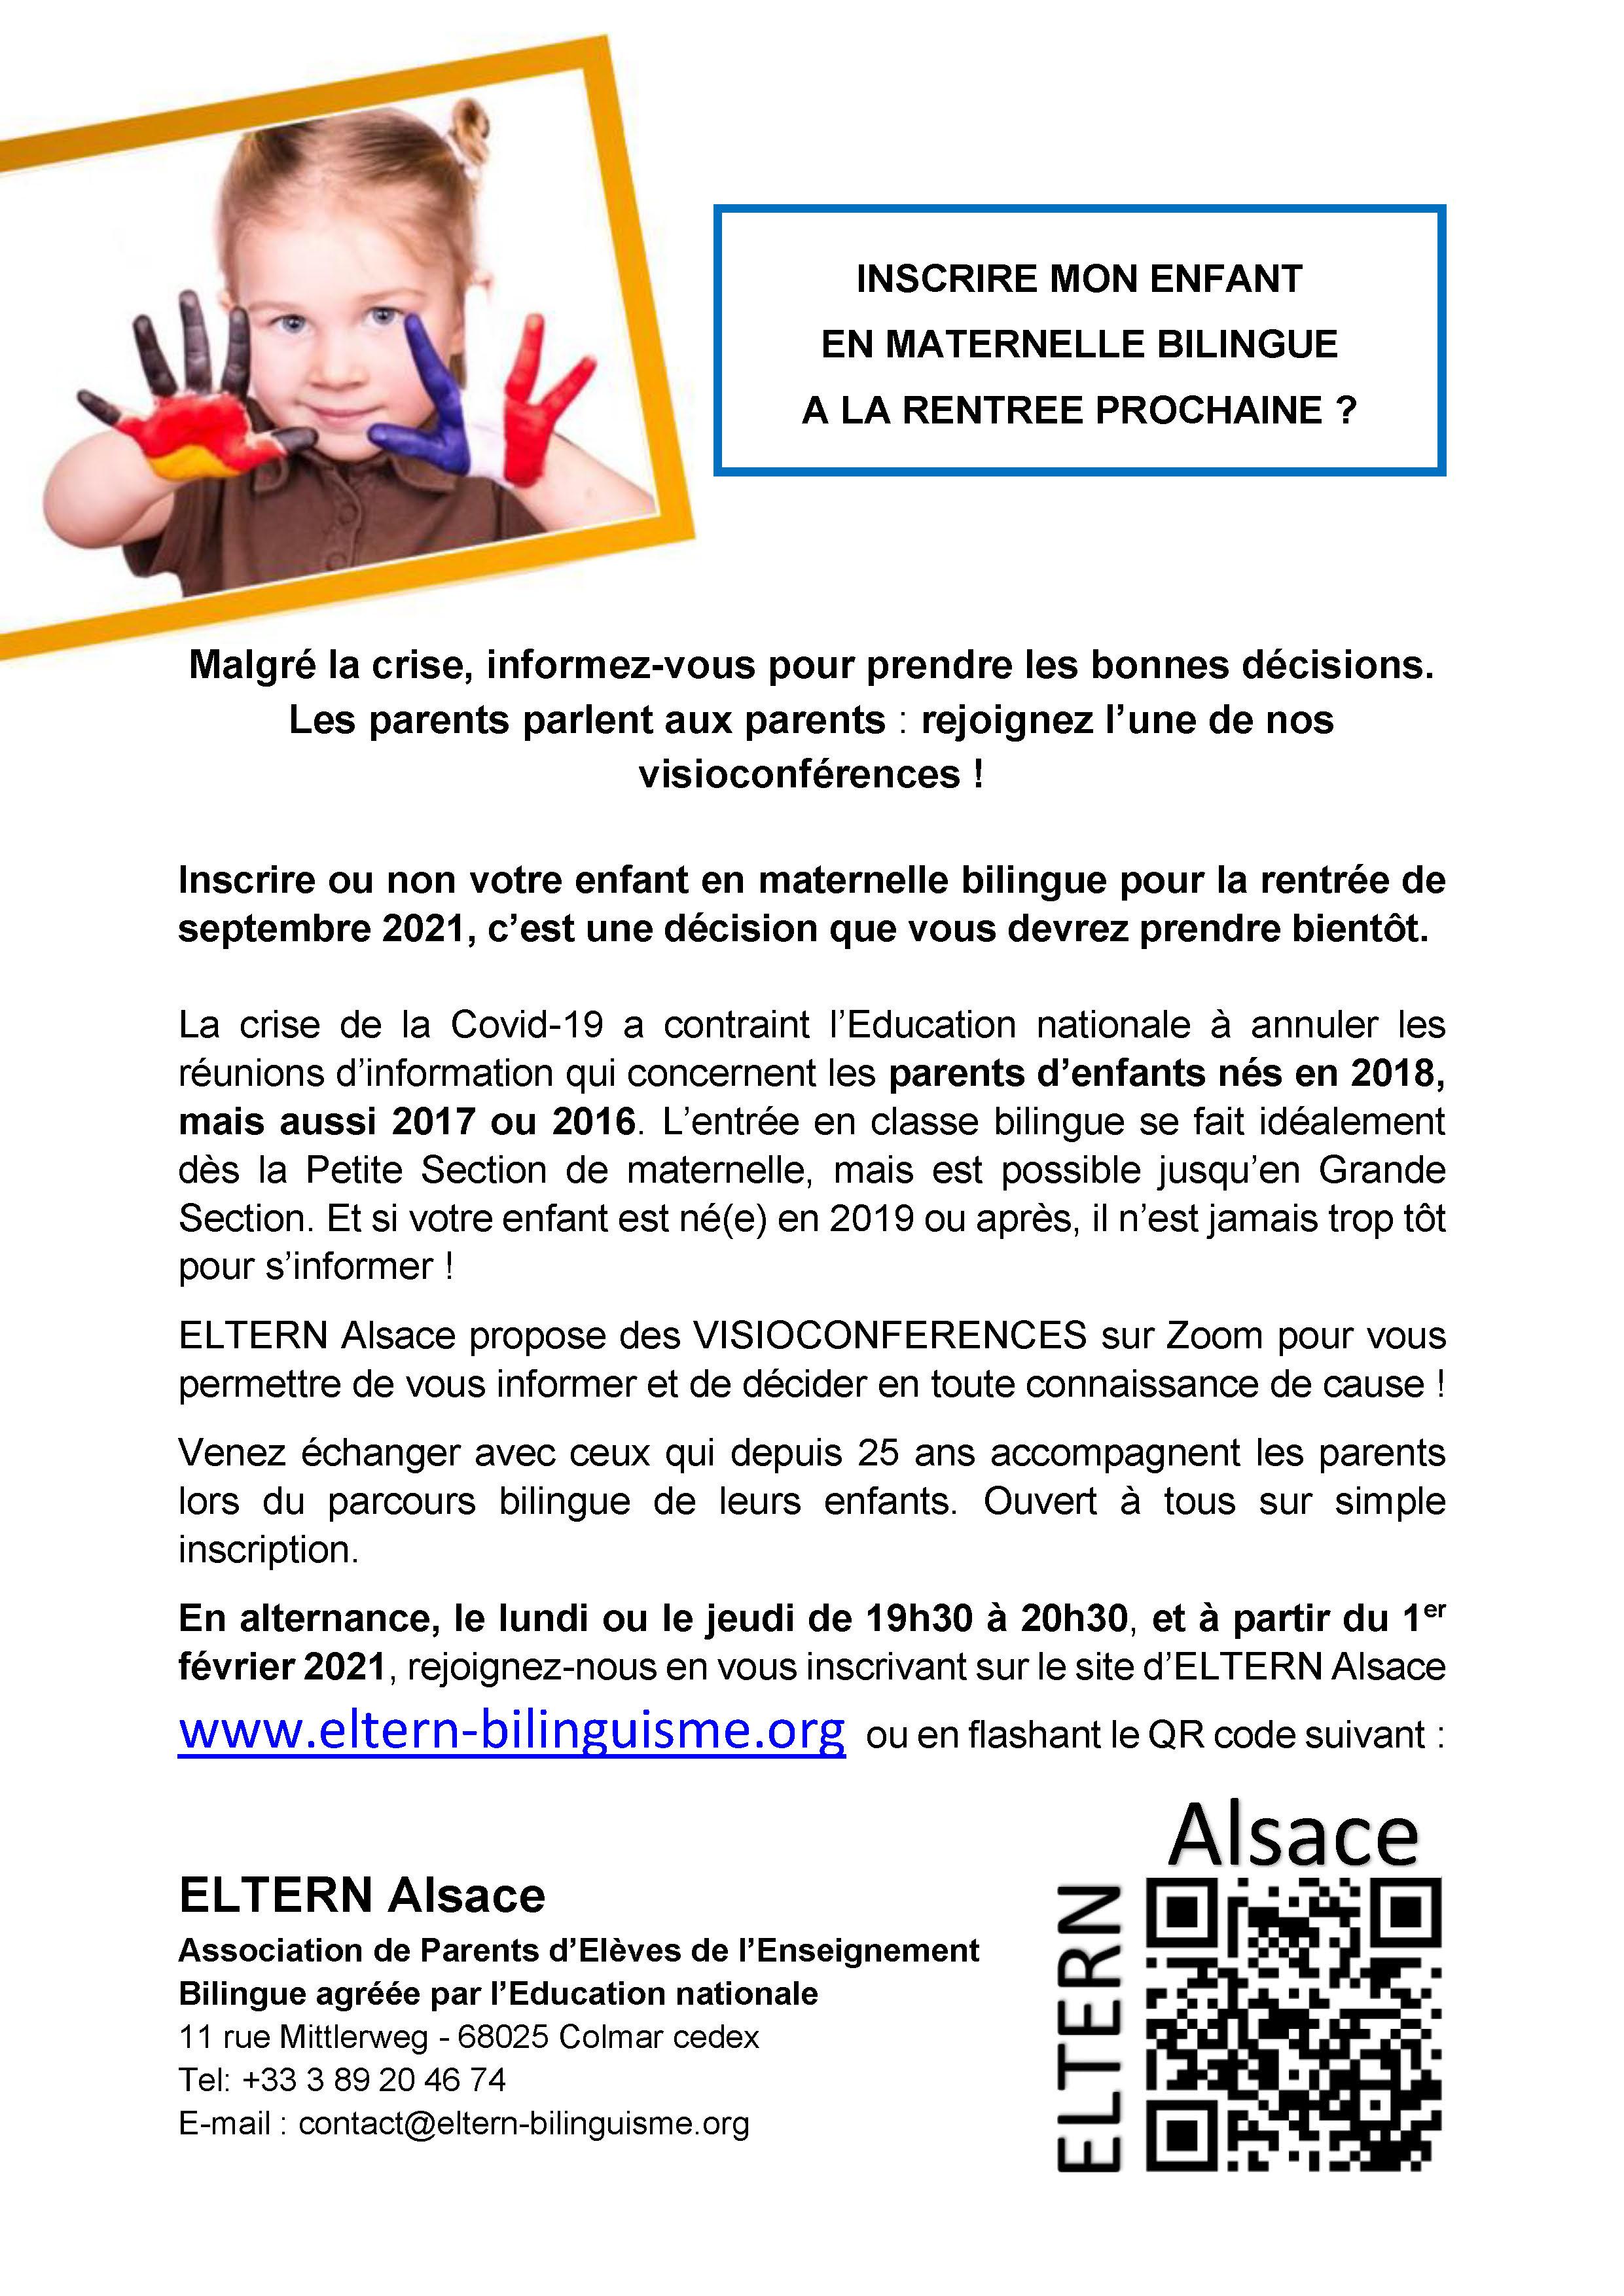 Affiche visioconférences_ELTERN Alsace